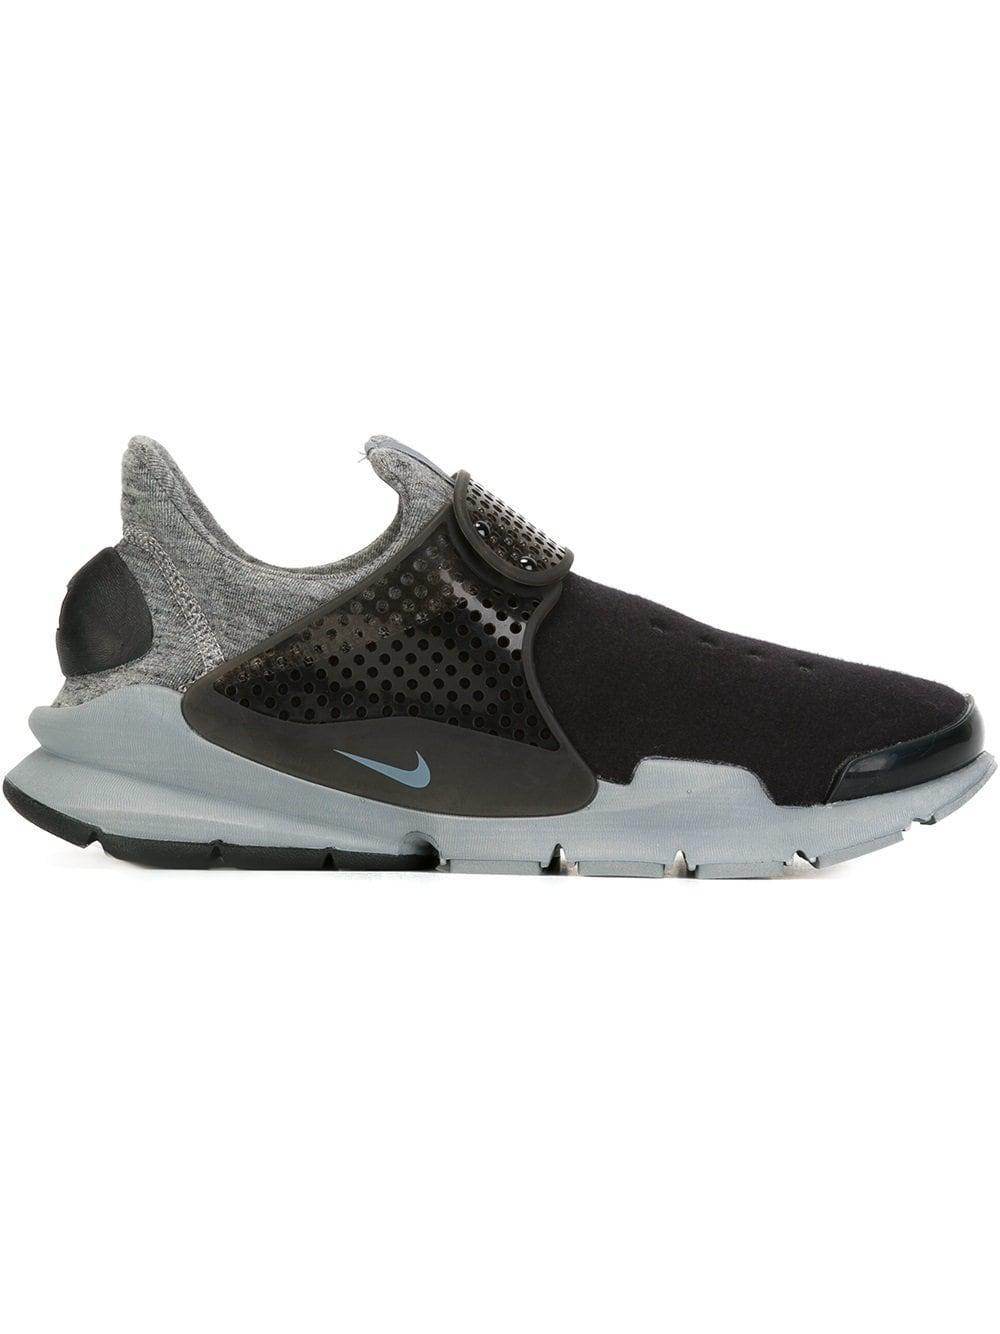 5e739e9ab37c7 Nike Sock Dart Tech Fleece Sneakers in Black for Men - Lyst